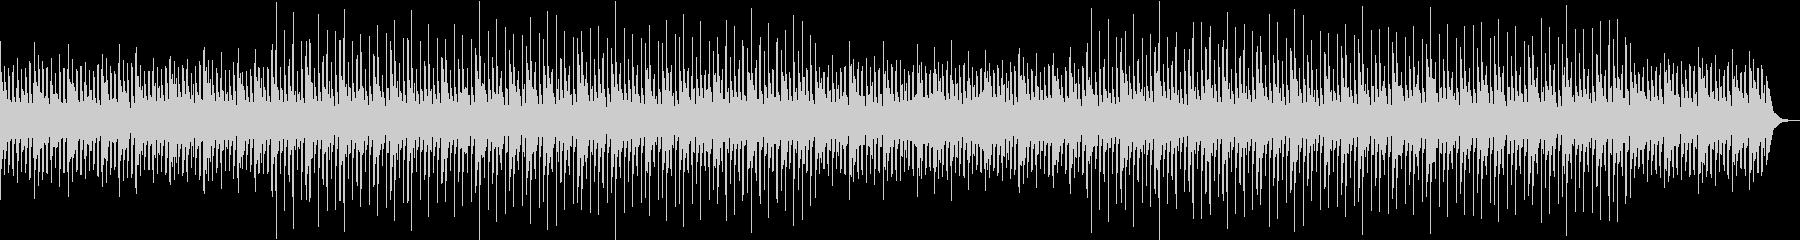 ギター・ビジネスプレゼン・スタイリッシュの未再生の波形